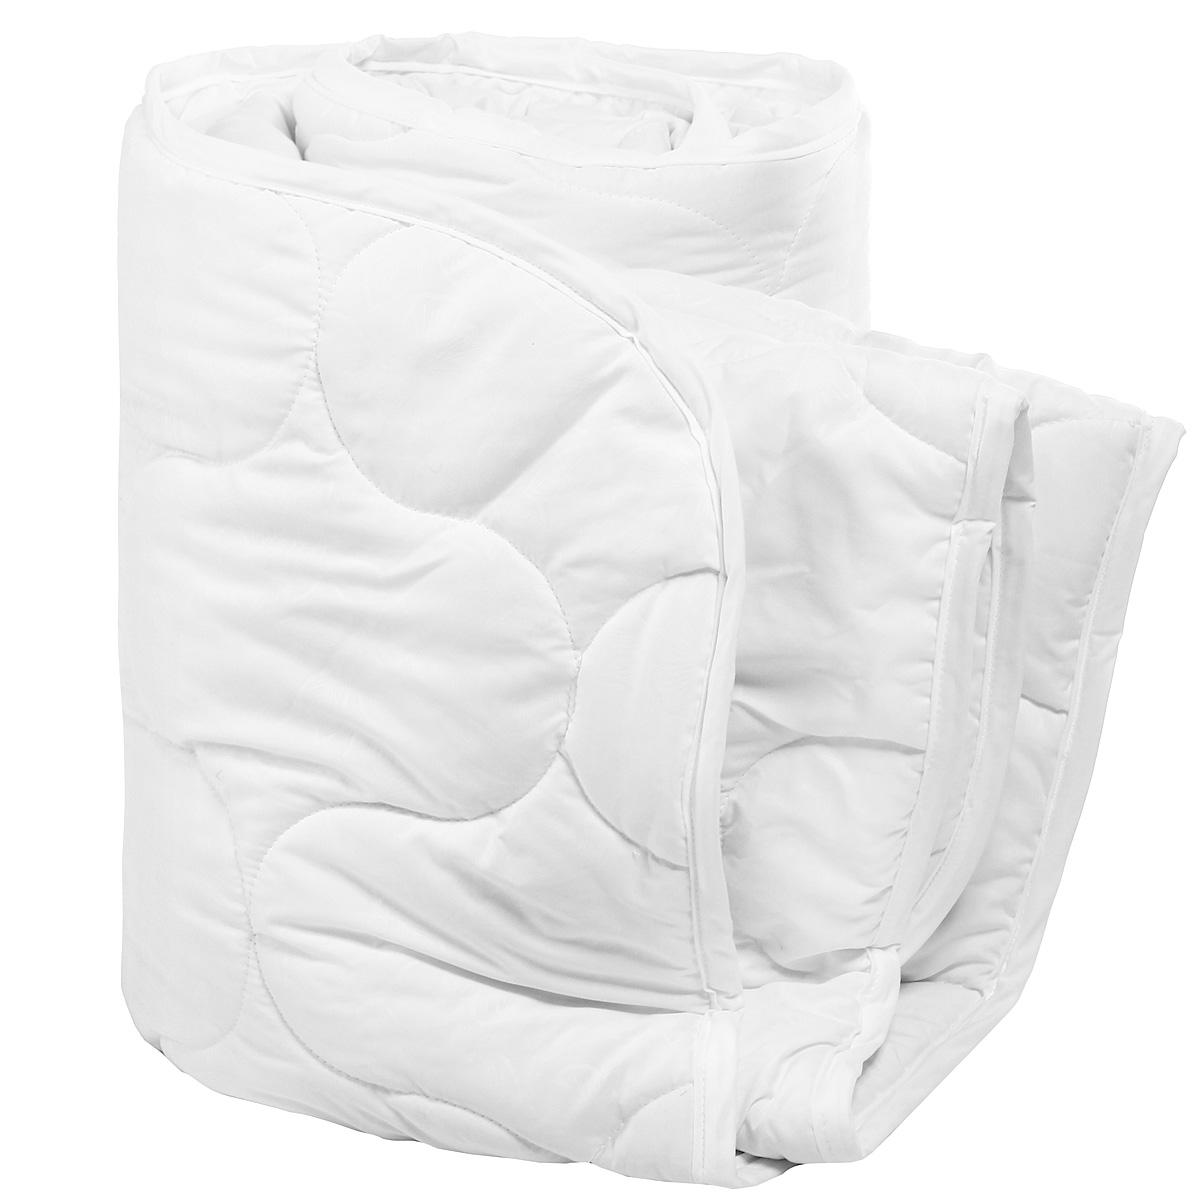 Одеяло Verossa Green Line, наполнитель: бамбуковое волокно, 172 см х 205 см165990При изготовлении одеяла Verossa Green Line применяется ткань нового поколения из микрофиламентных нитей Ultratex. Одеяло не требует специального ухода, быстро сохнет после стирки и практически не мнется. Наполнитель из натуральных бамбуковых волокон. Пористая структура бамбукового волокна обеспечивает отличные условия для циркуляции воздуха и впитывания влаги. Преимущества одеяла Verossa Green Line: идеальный комфортный сон; антибактериальная защита; оптимальная терморегуляция. Характеристики: Материал чехла: 100% полиэстер (Ultratex). Наполнитель: 50% бамбуковое волокно, 50% полиэстер. Цвет: белый. Масса наполнителя: 300 г/м2. Размер одеяла: 172 см х 205 см. Размер упаковки: 58 см х 15 см х 43 см. Артикул: 165990.